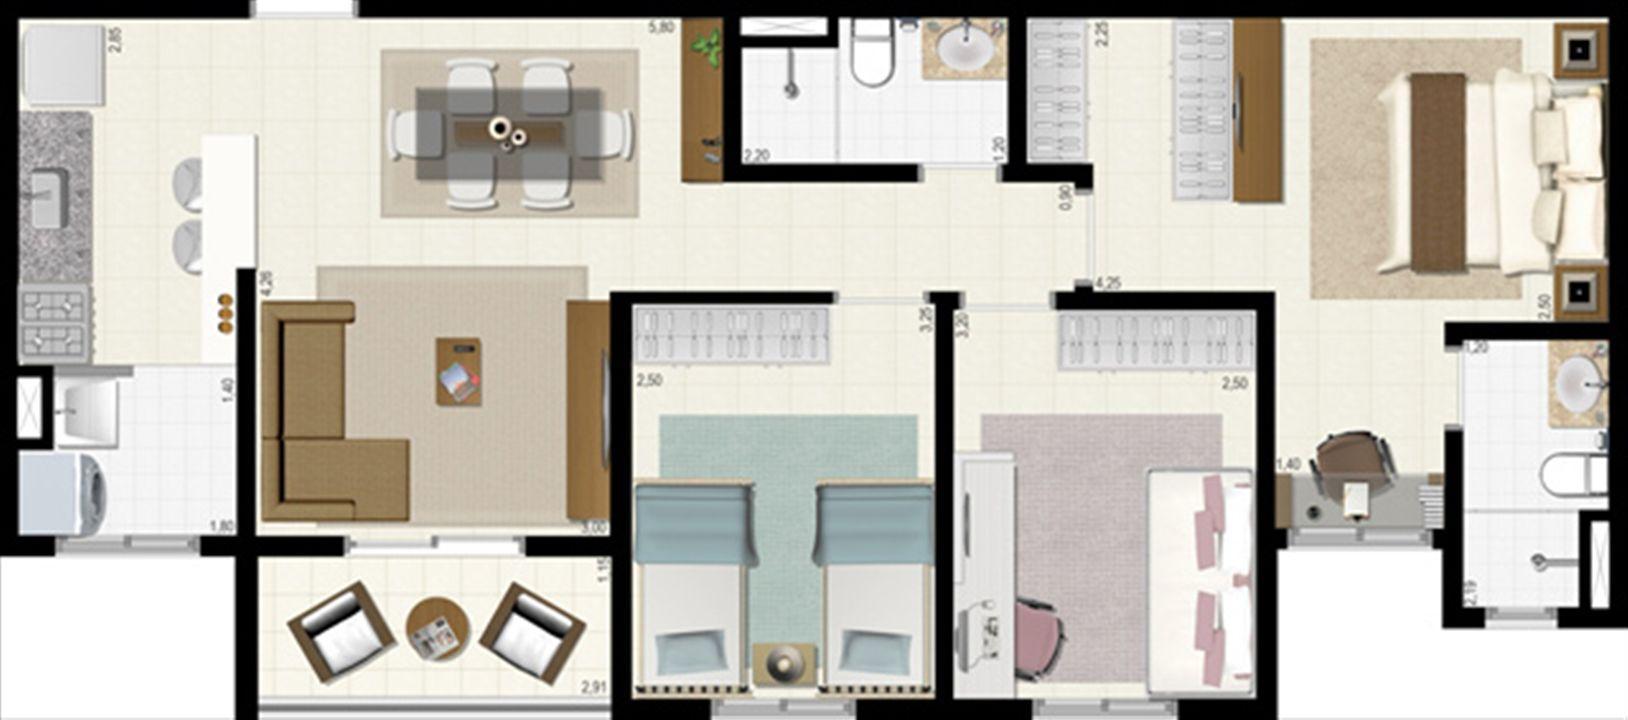 Planta 72 m² | L´Acqua Condominium Club – Apartamentoem  Neópolis - Natal - Rio Grande do Norte